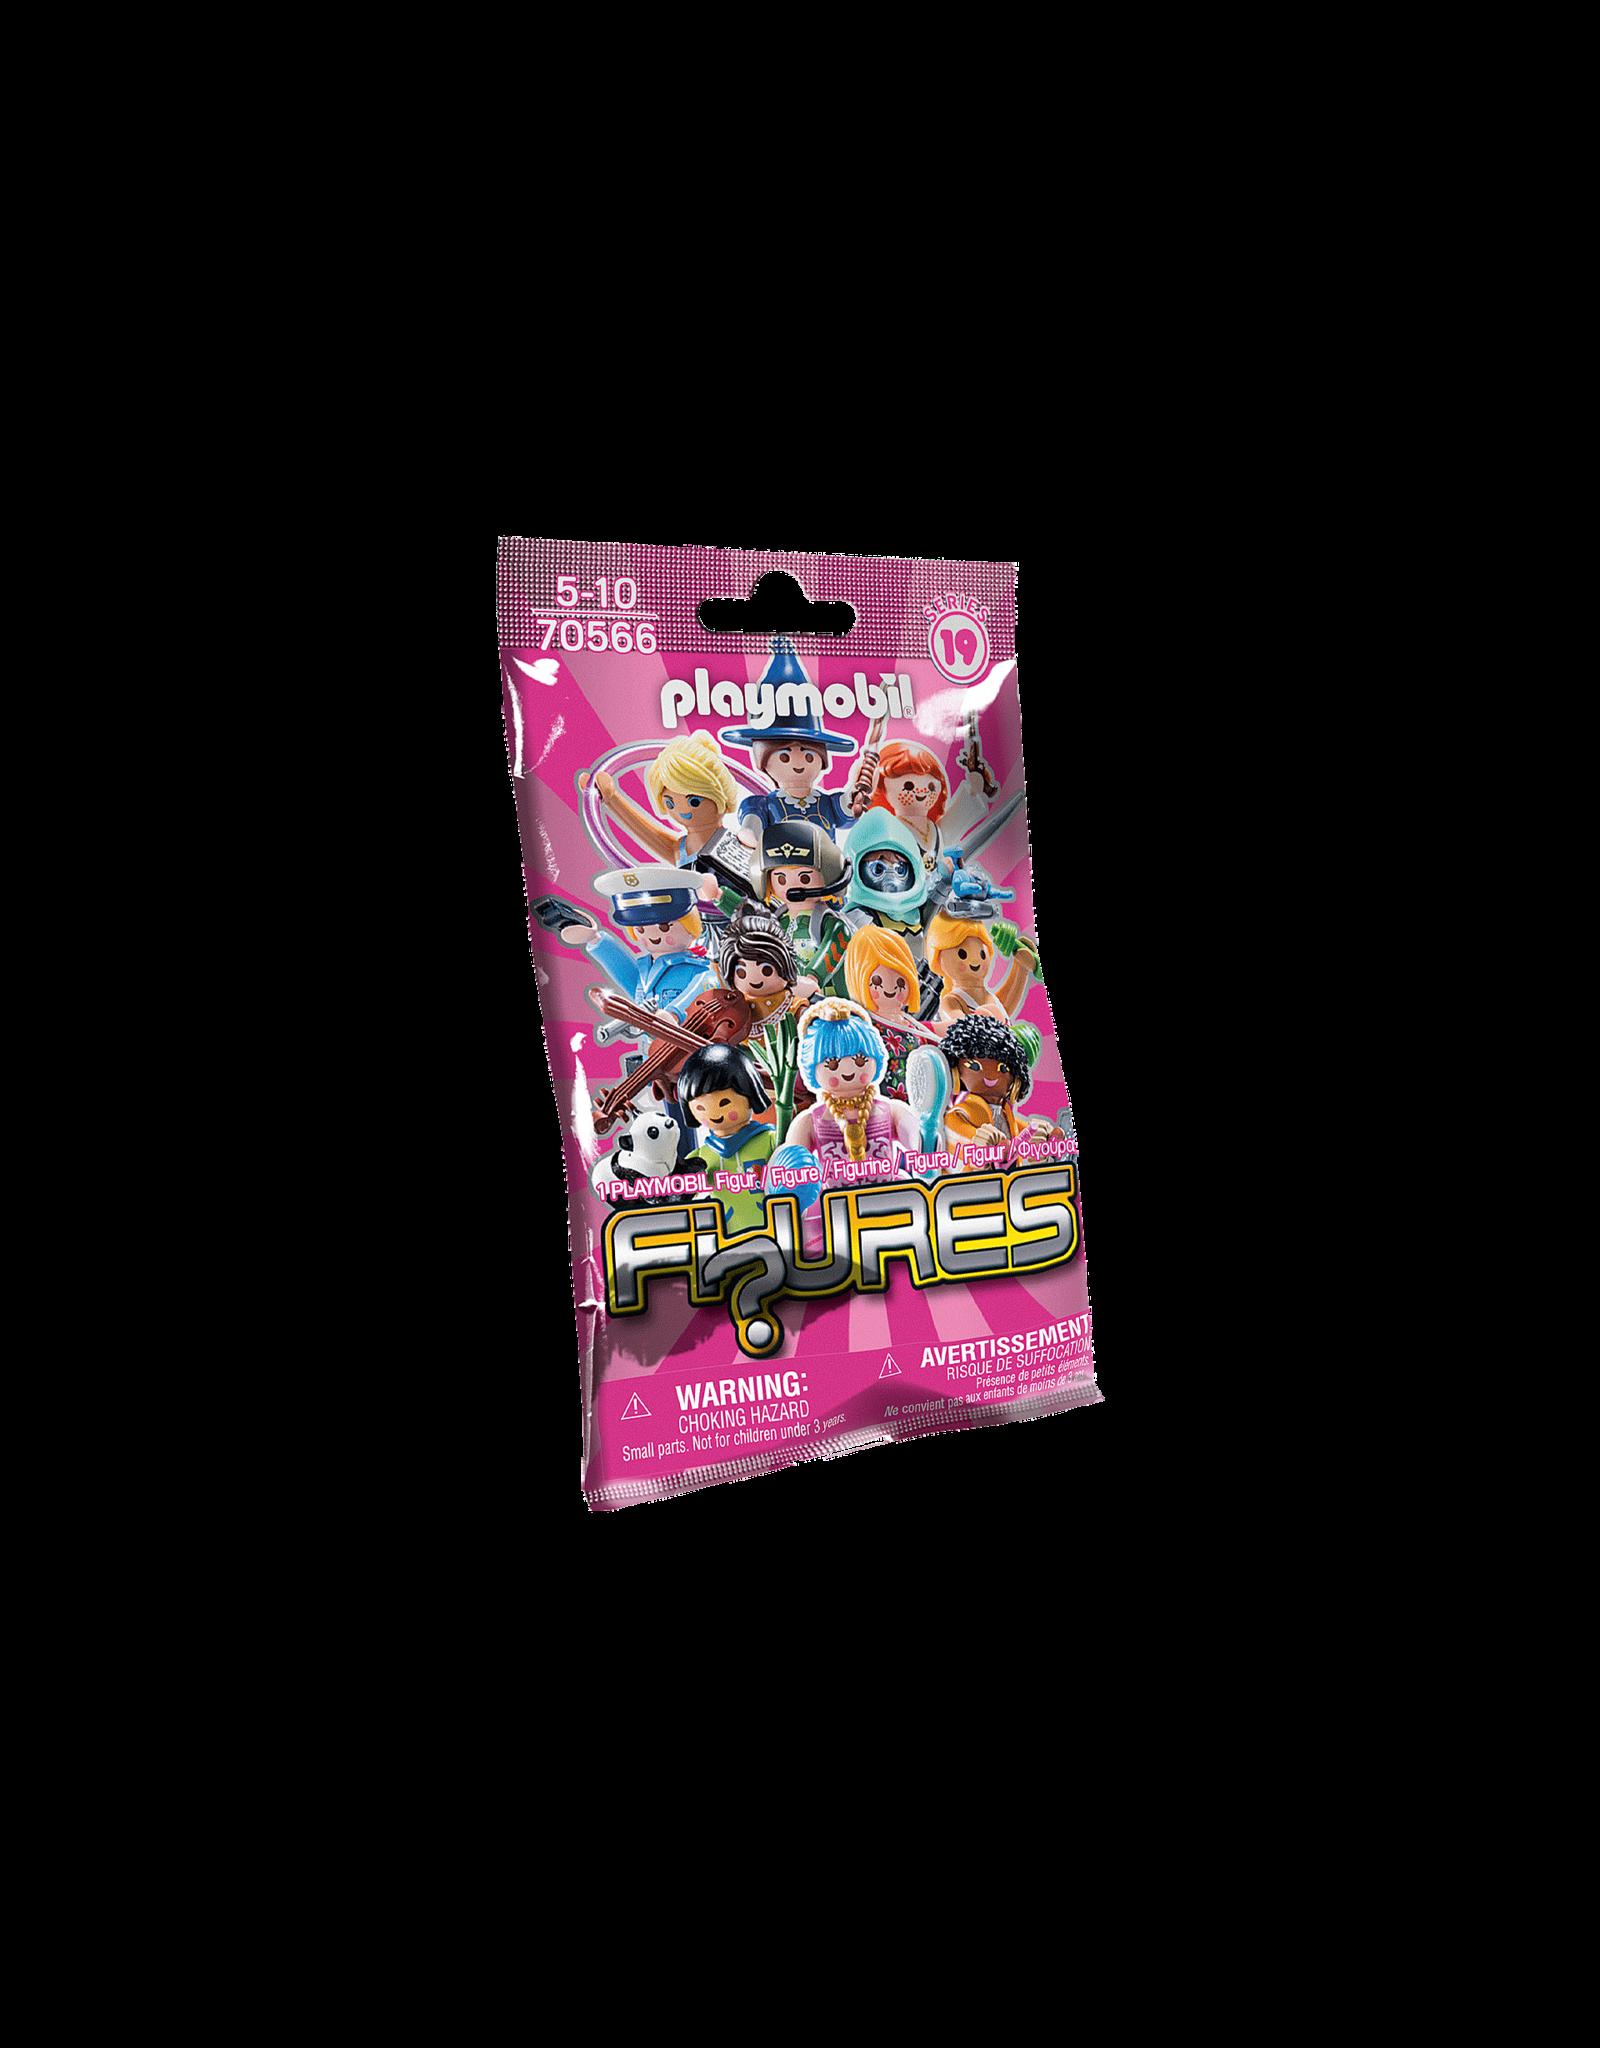 PLAYMOBIL Girls PDQ Blind Bag 19